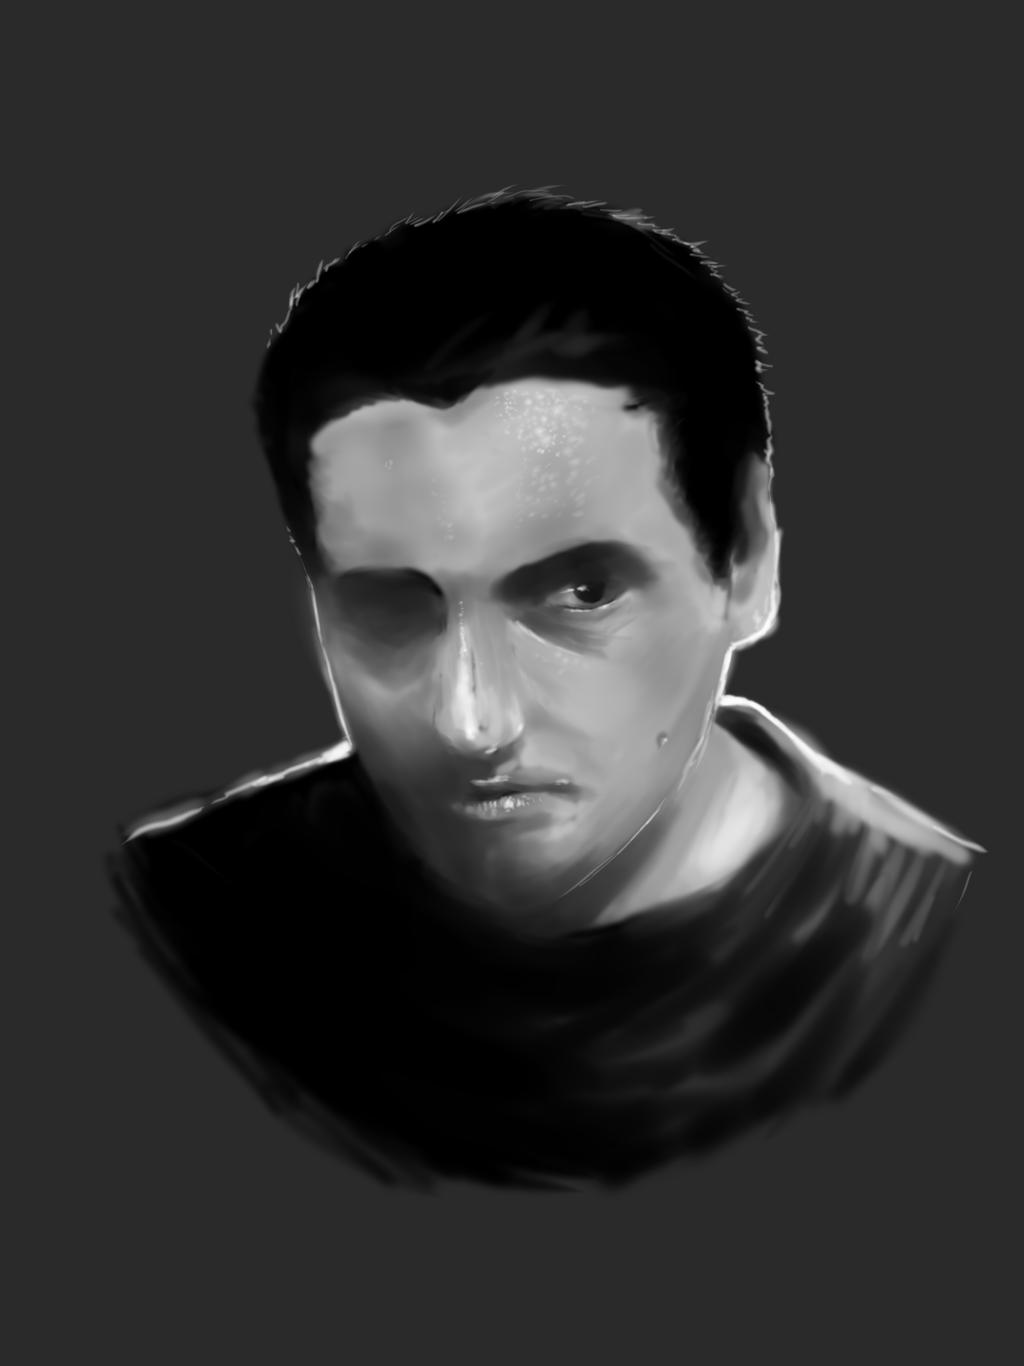 finaladventure's Profile Picture